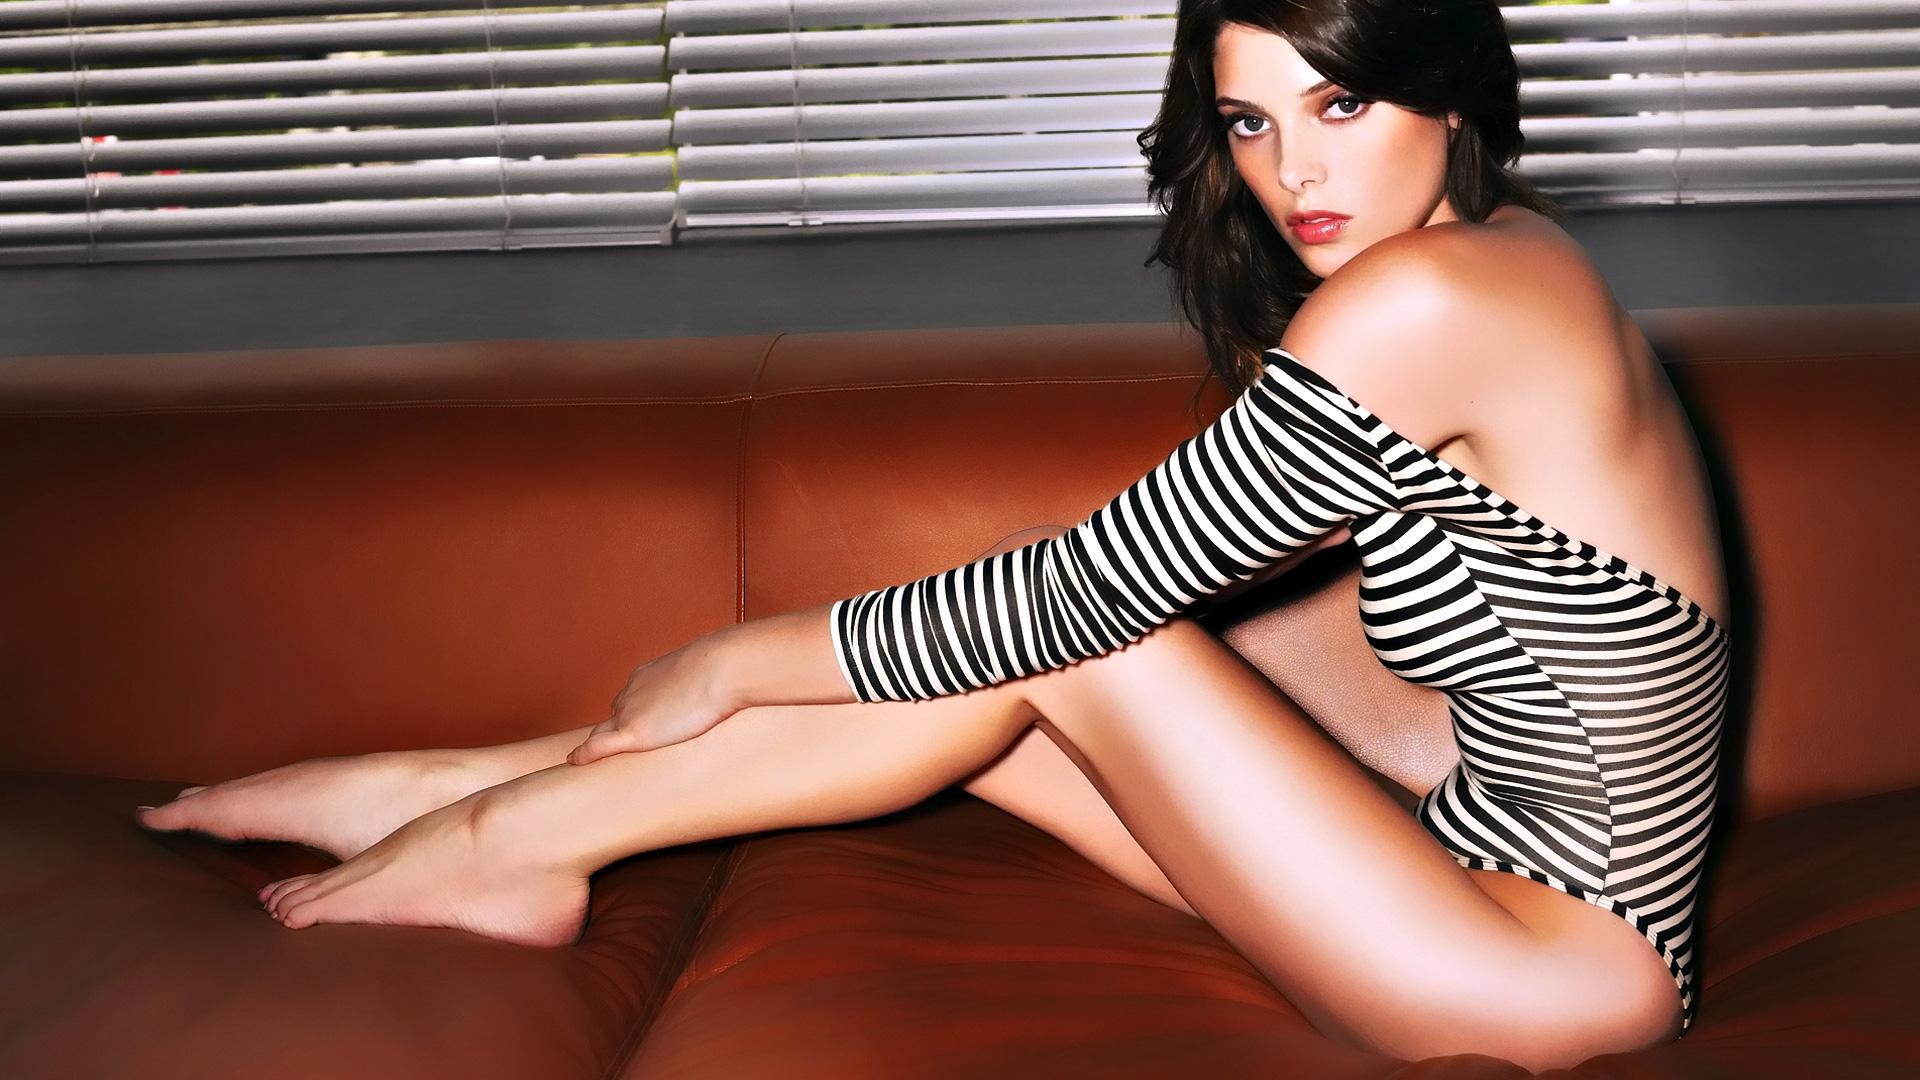 indian actress hot police dress ass